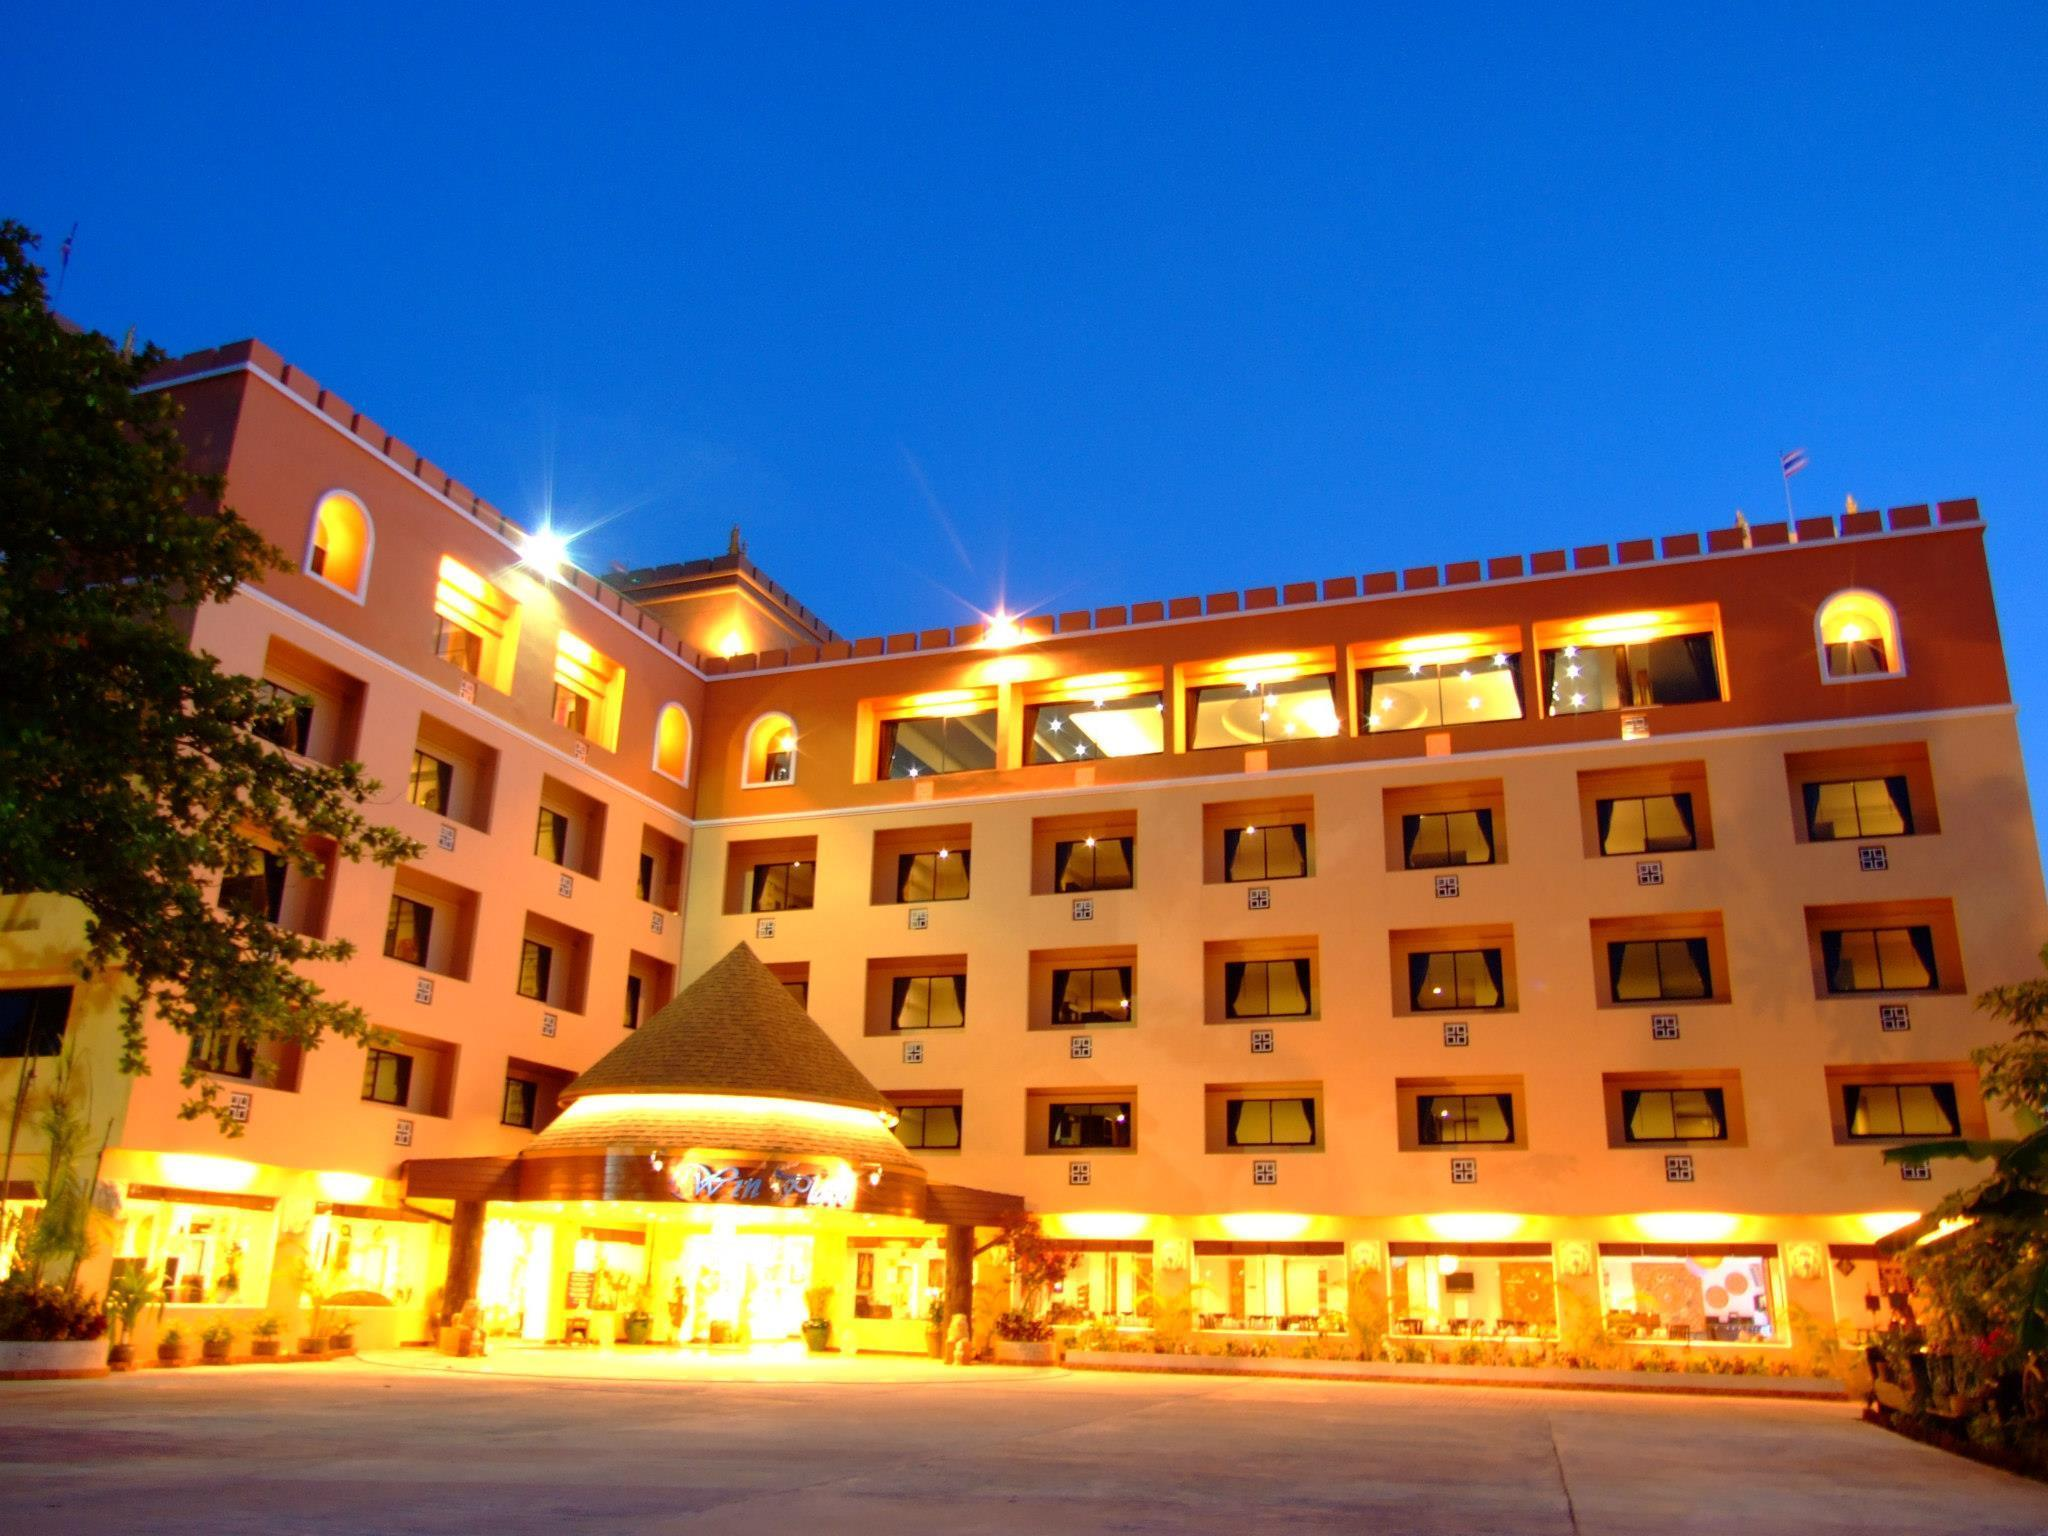 โรงแรมวินเพลส เชียงใหม่